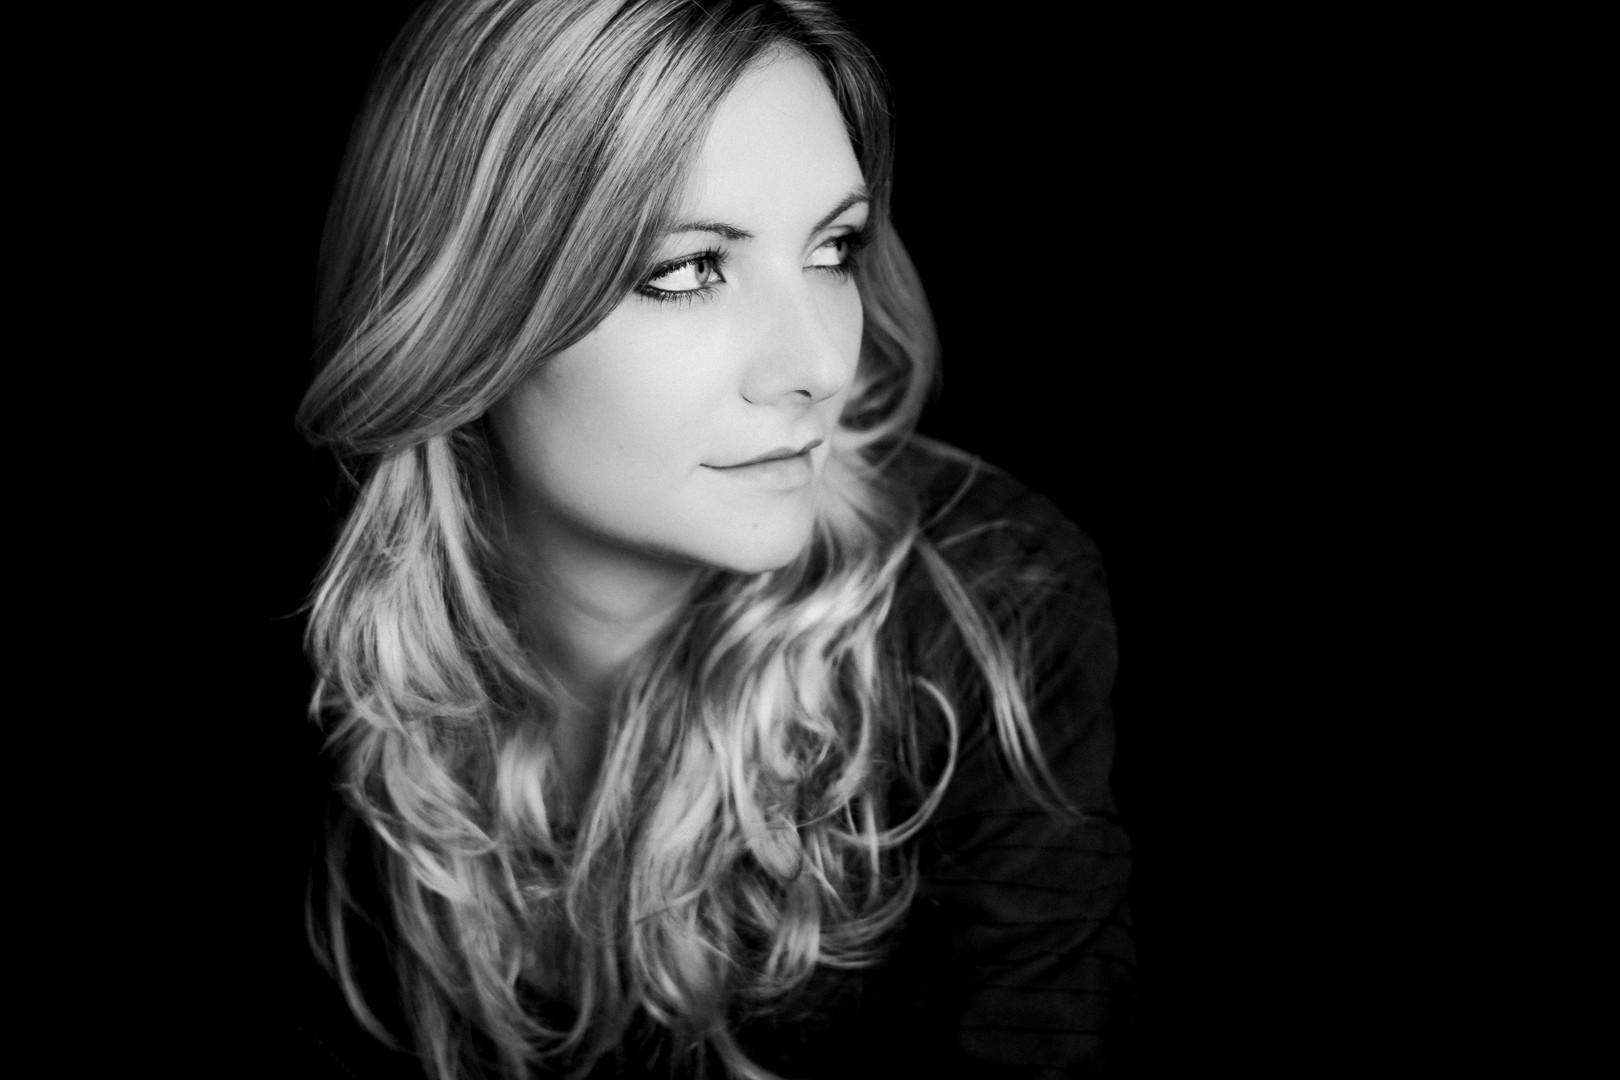 Einzelportrait black and white